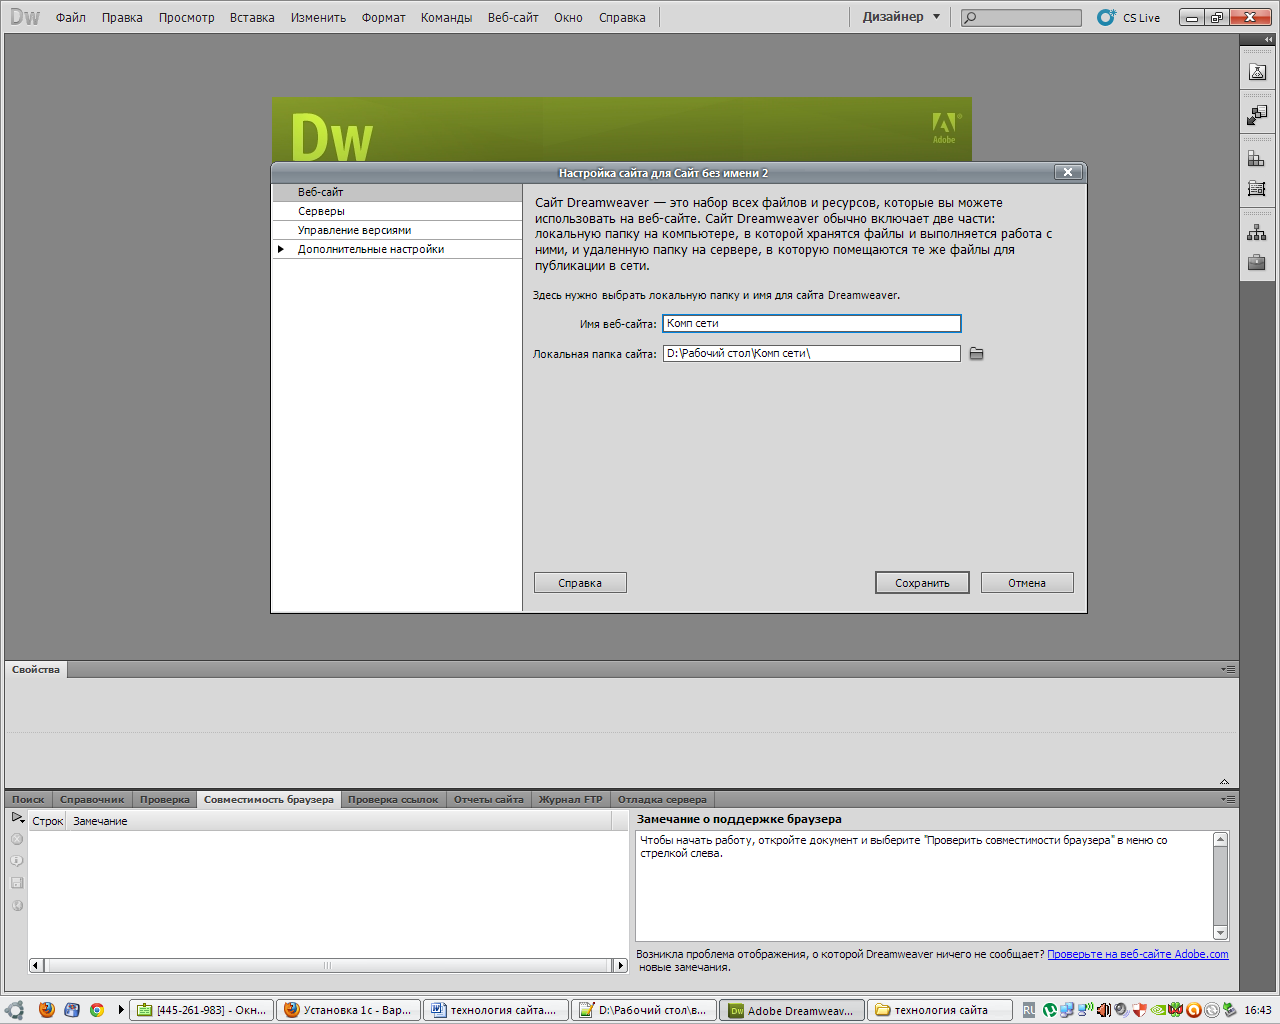 Создание сайта в программе dreamweaver инструкции по созданию сайта на юкоз